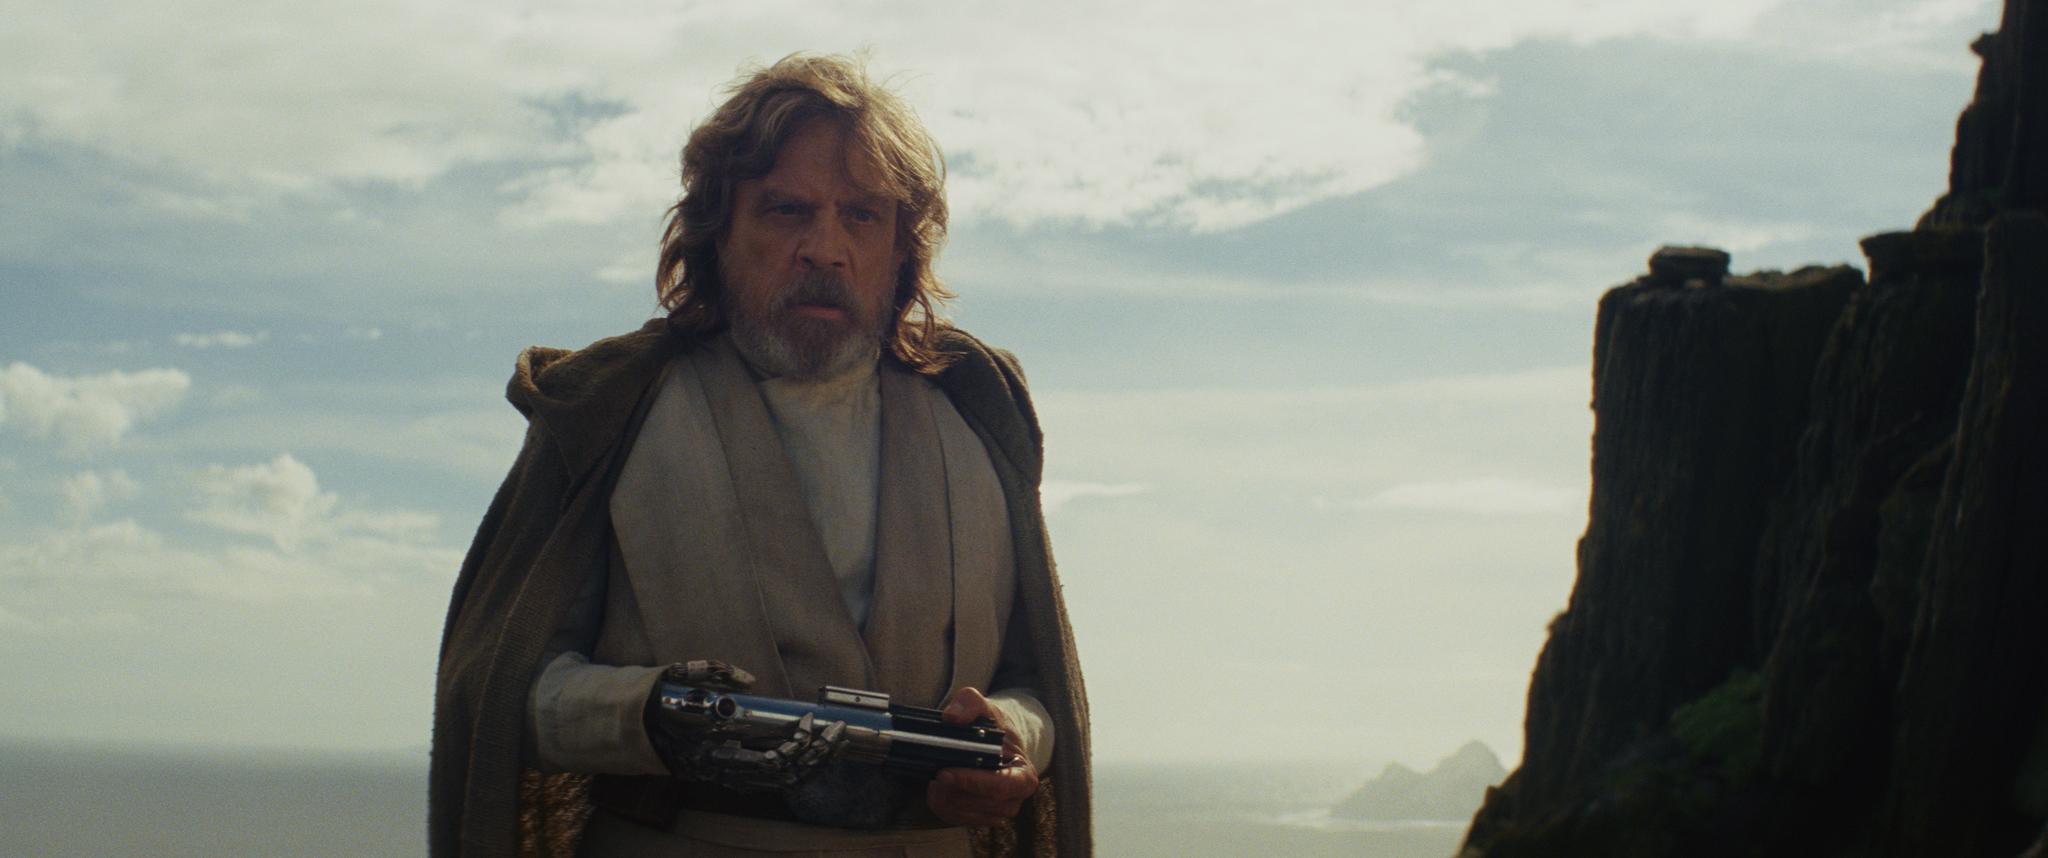 Star Wars – Episode VIII